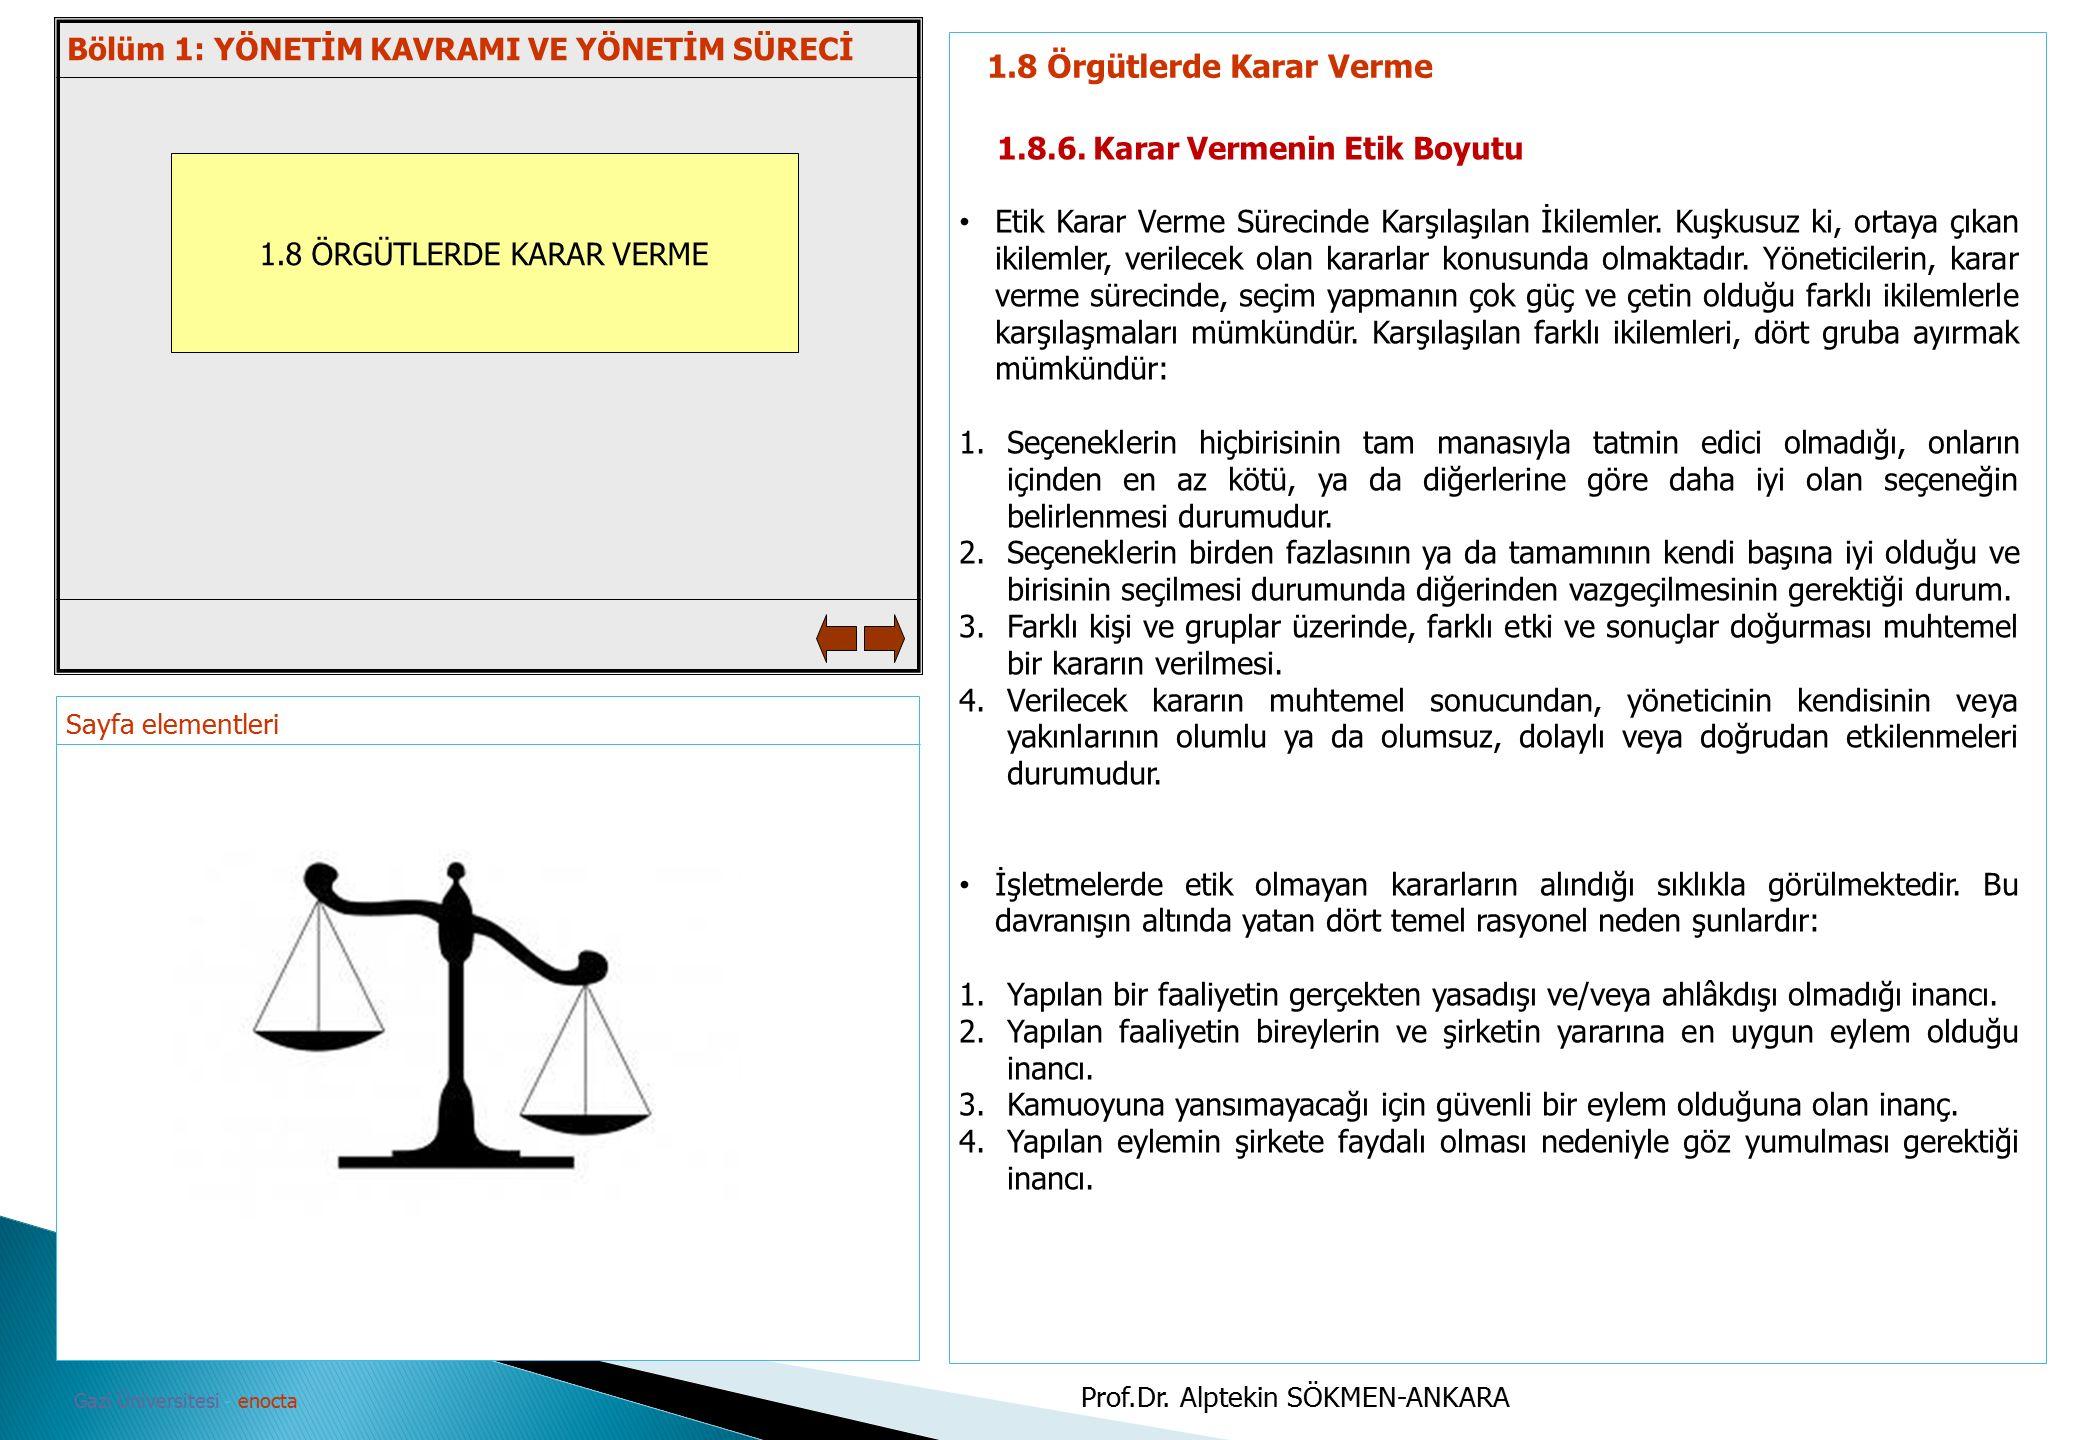 Sayfa elementleri Gazi Üniversitesi - enocta 1.8 ÖRGÜTLERDE KARAR VERME 1.8 Örgütlerde Karar Verme 1.8.6. Karar Vermenin Etik Boyutu Etik Karar Verme